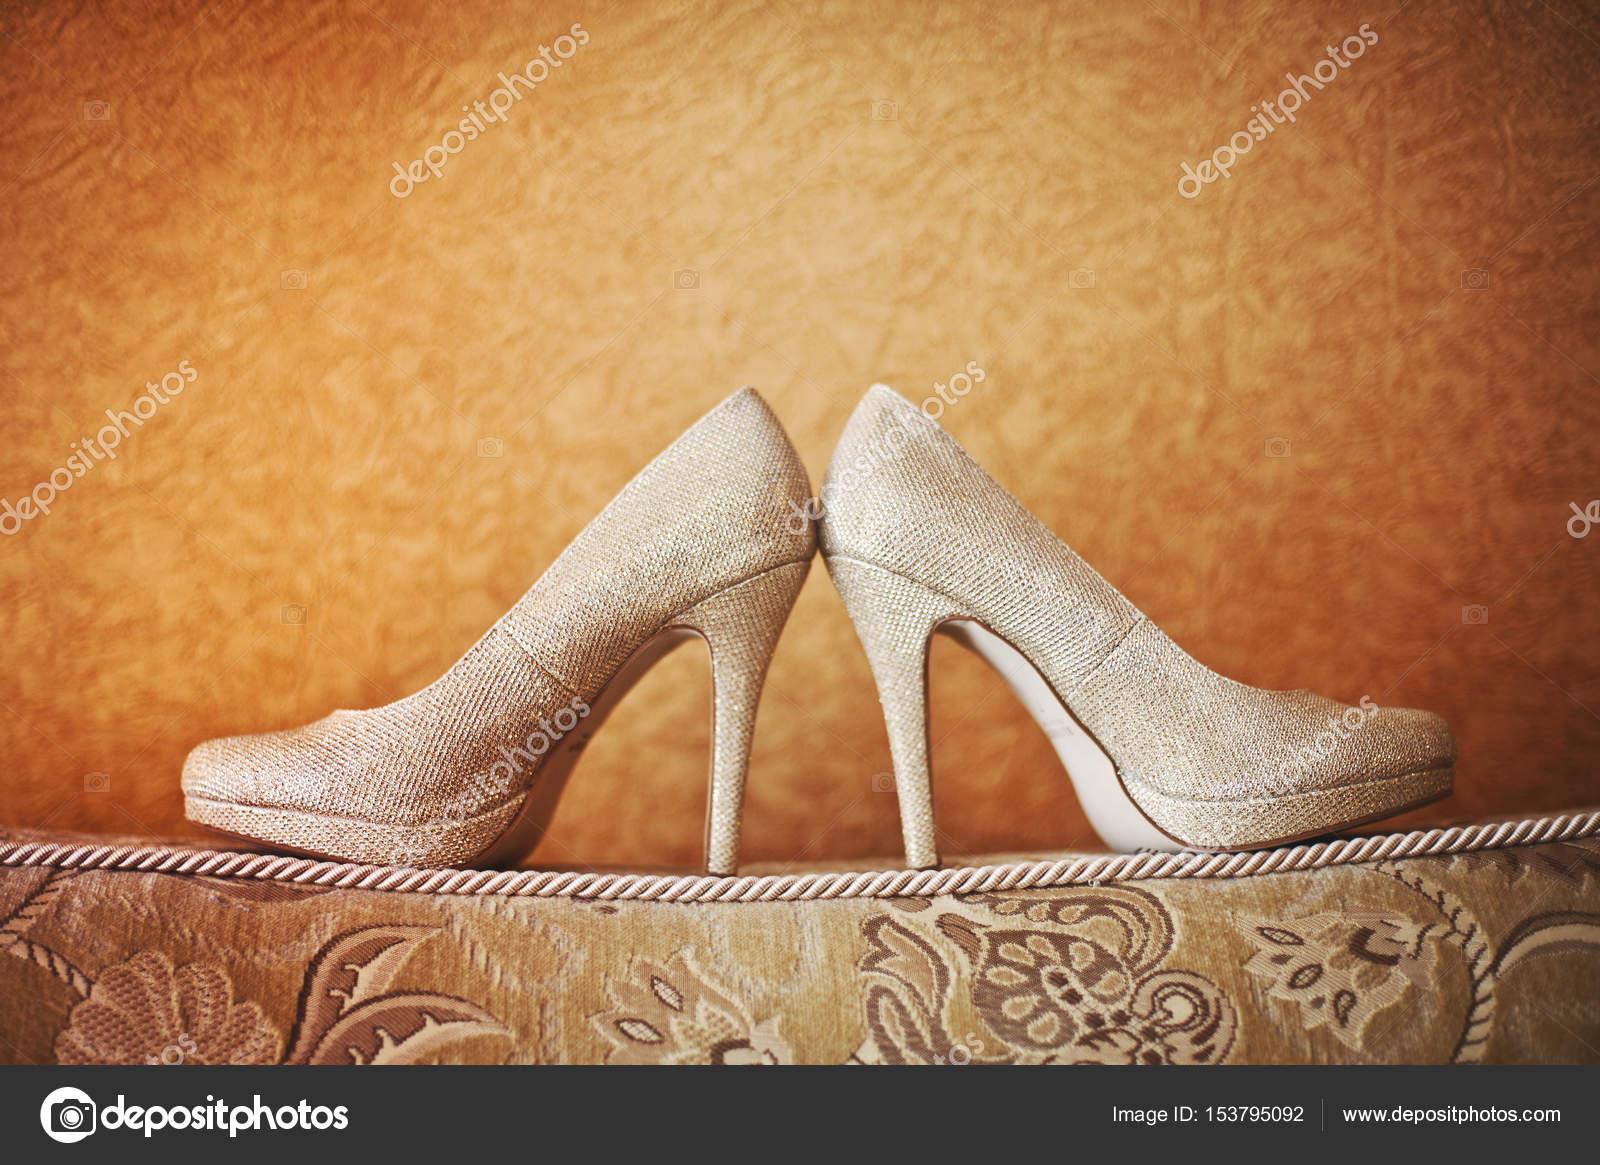 Moderne Hochzeitsschuhe Stockfoto C Shmelevanatalie 153795092